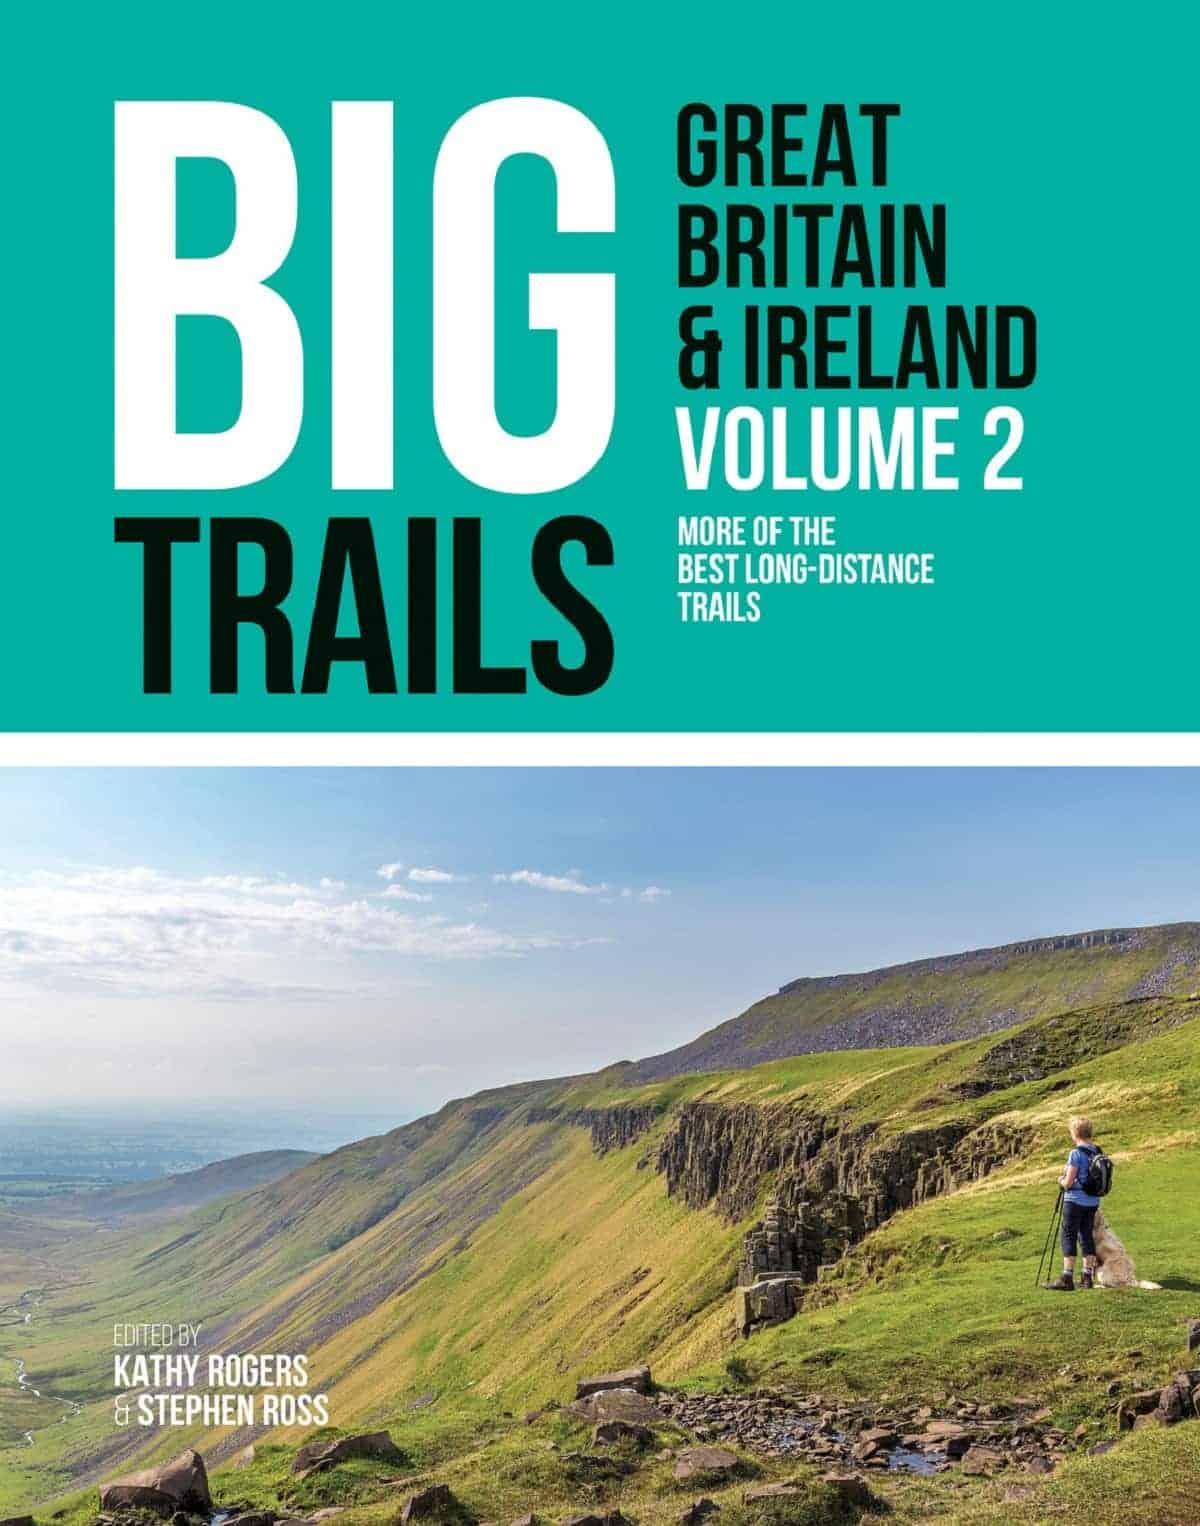 Big Trails Great Britain Ireland Volume